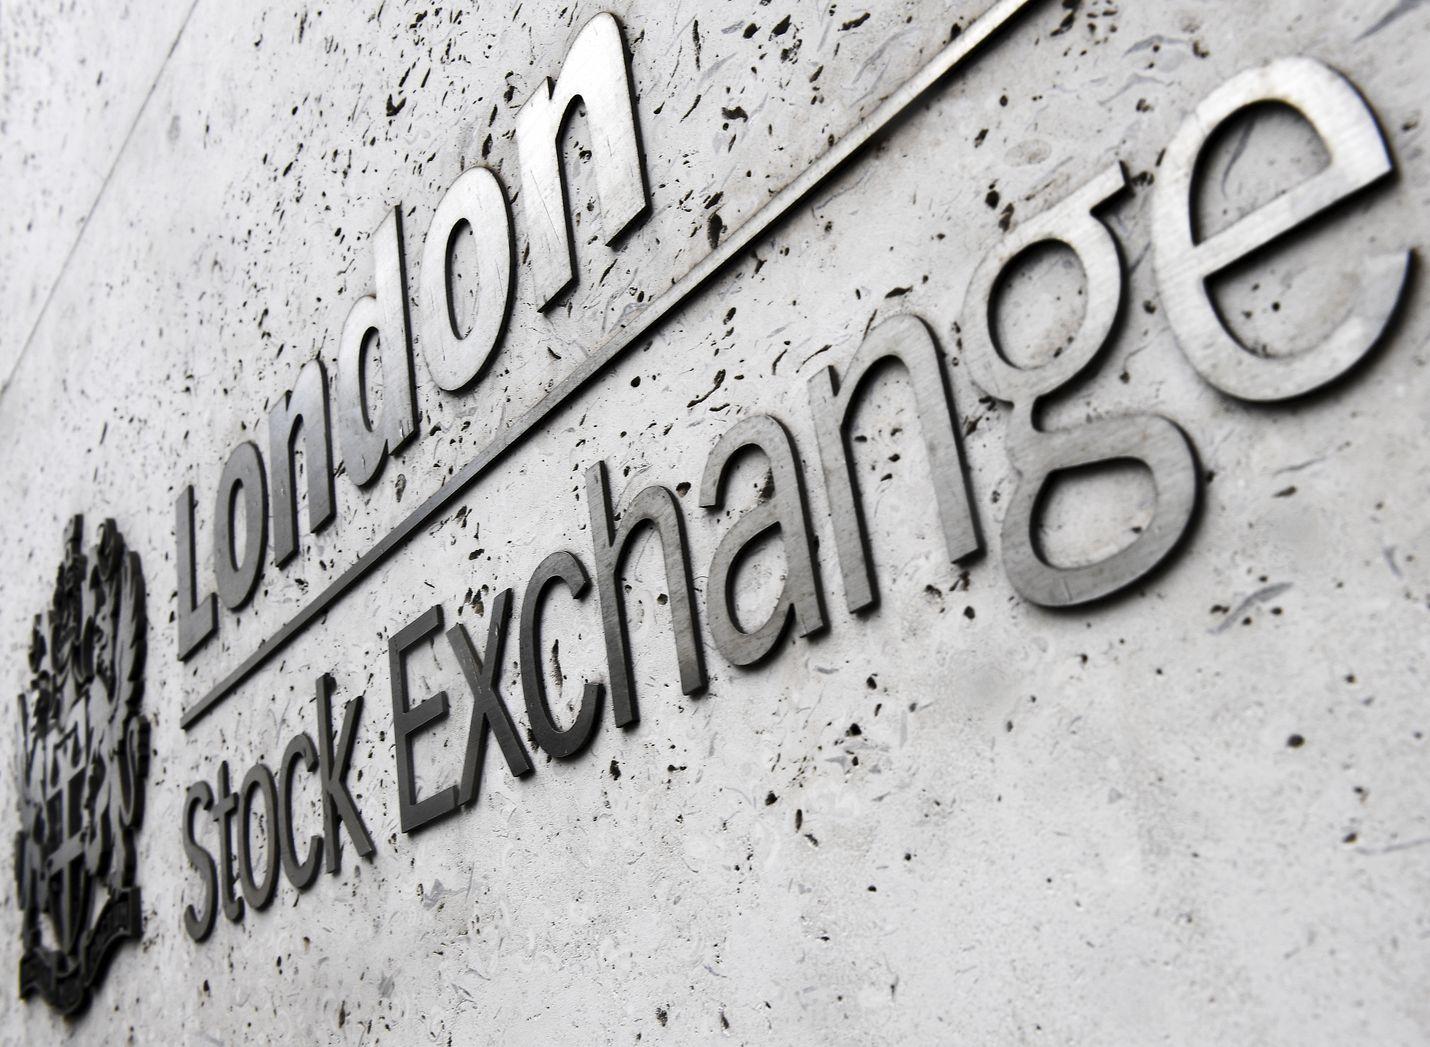 Lontoon pörssi ei lämmennyt Hongkongin pörssin ostotarjoukselle.